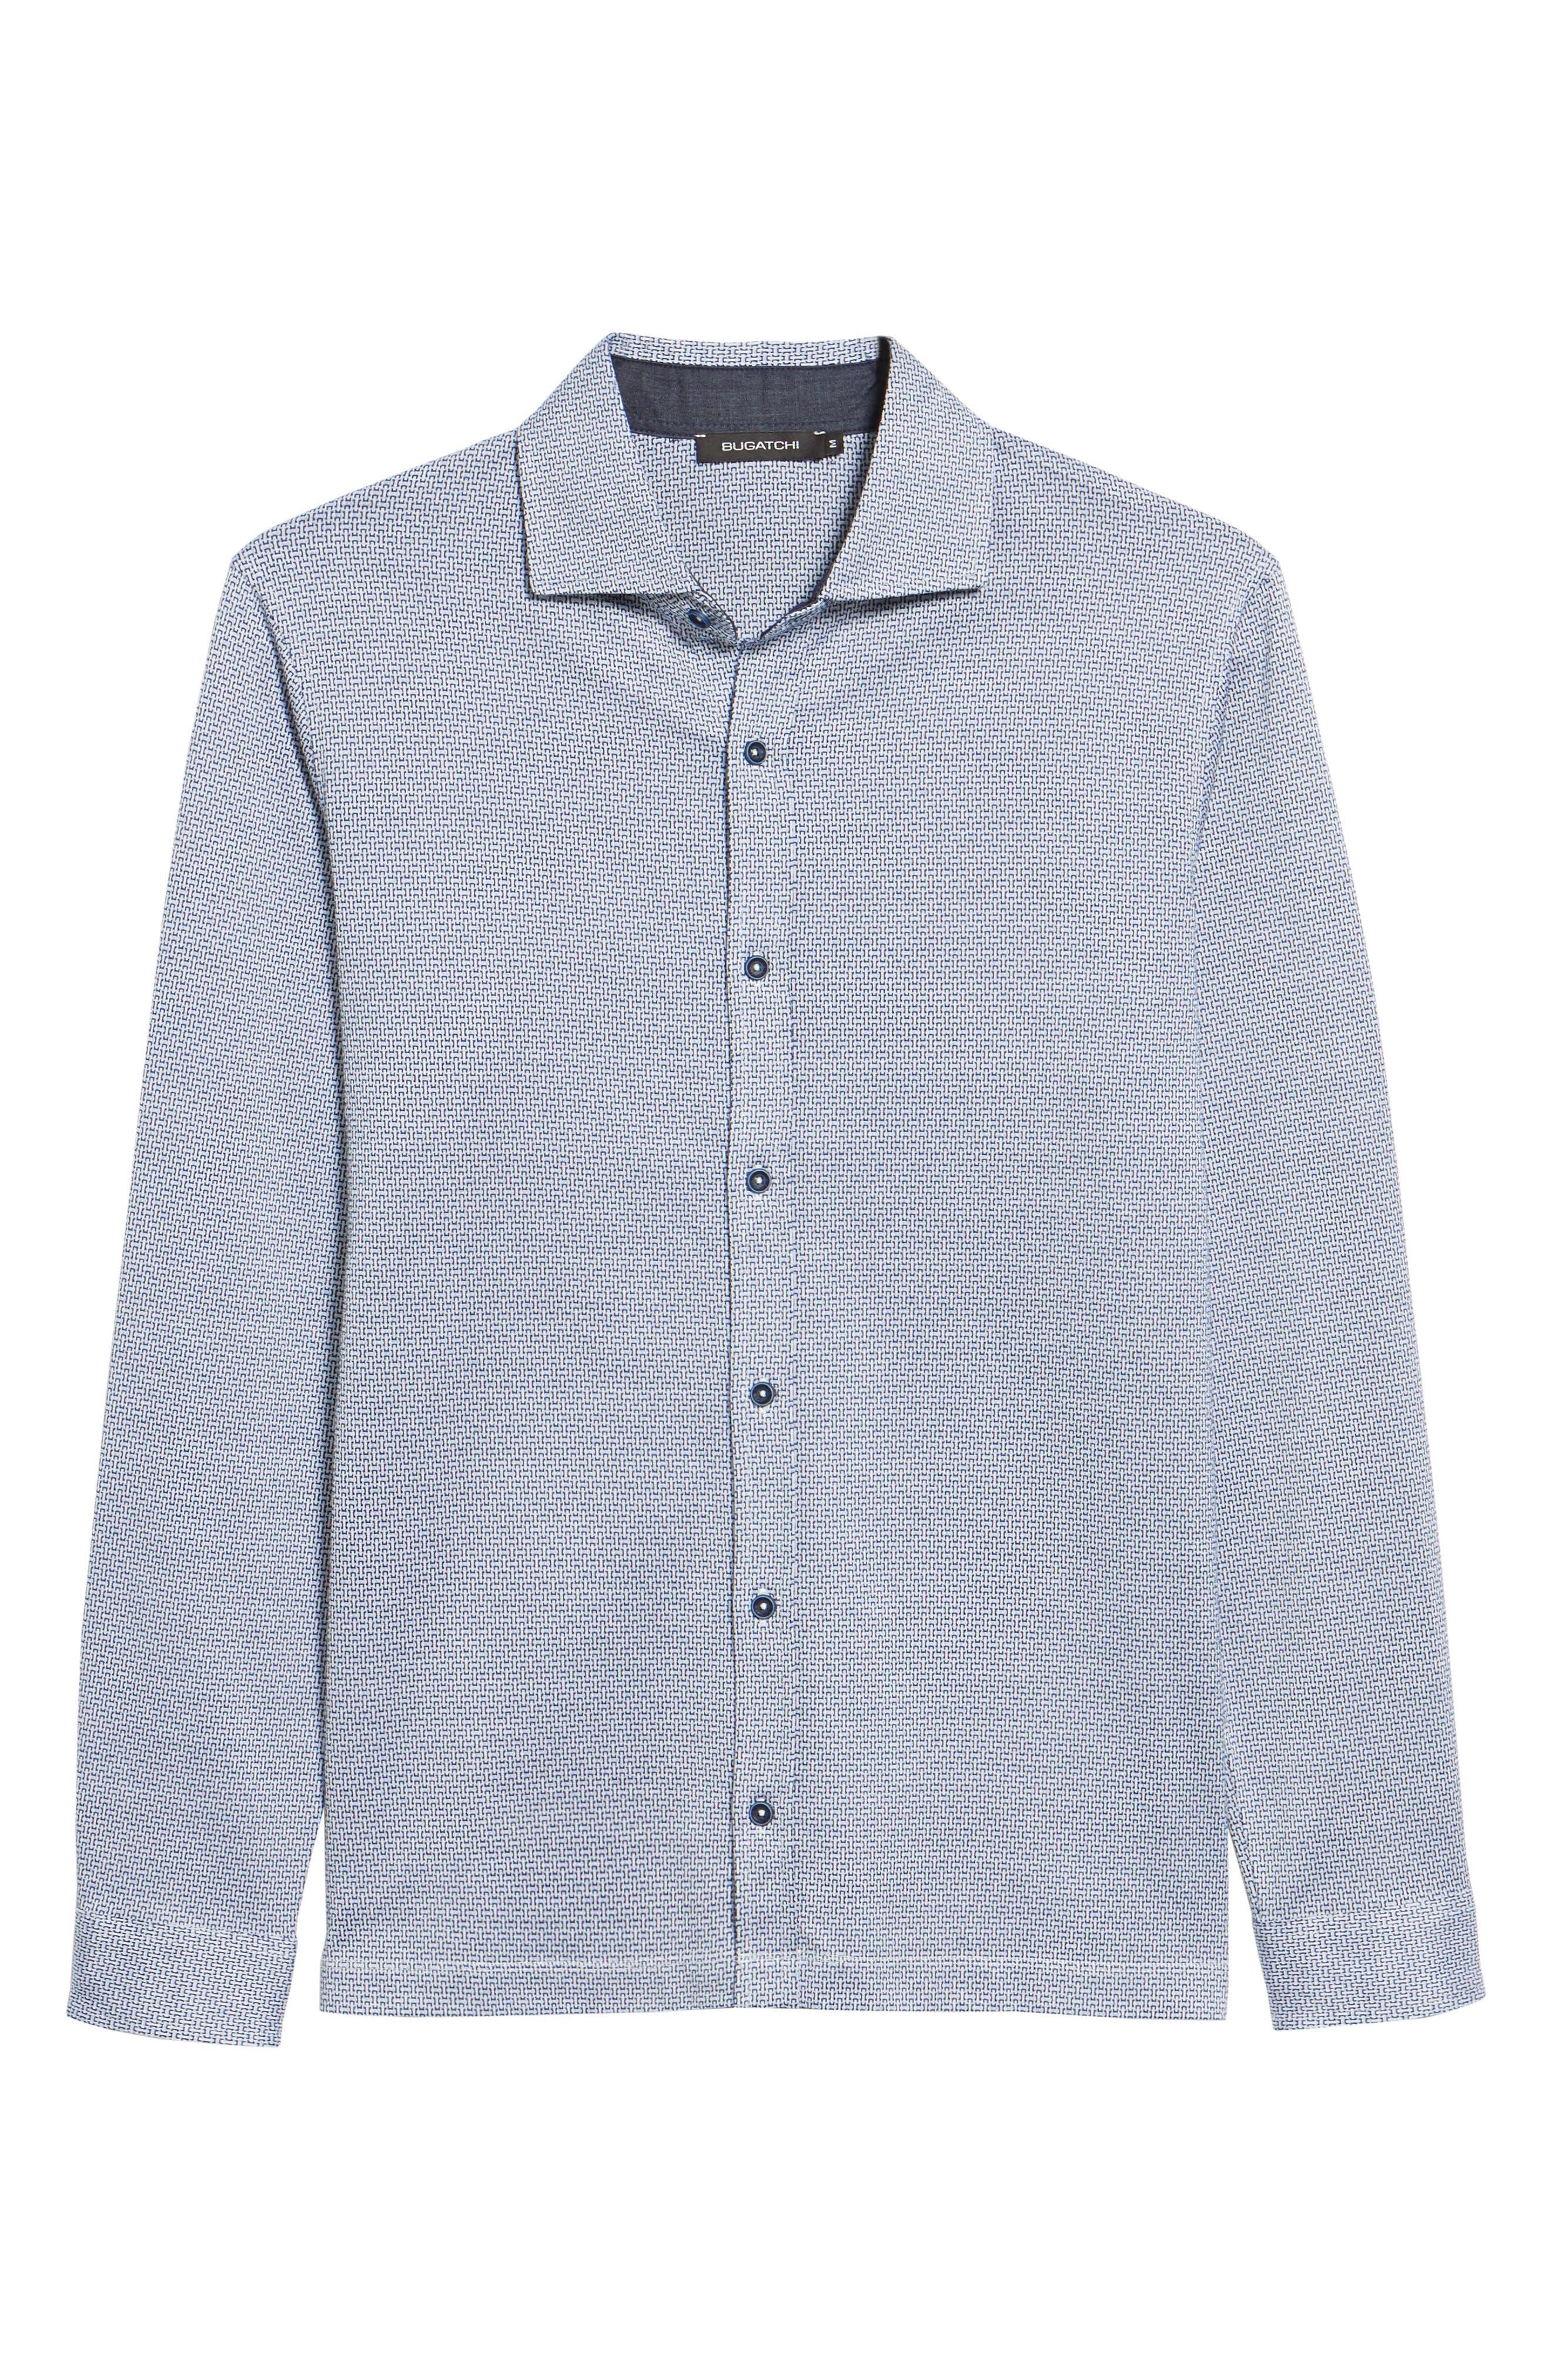 Print Knit Sport Shirt,                             Alternate thumbnail 6, color,                             030